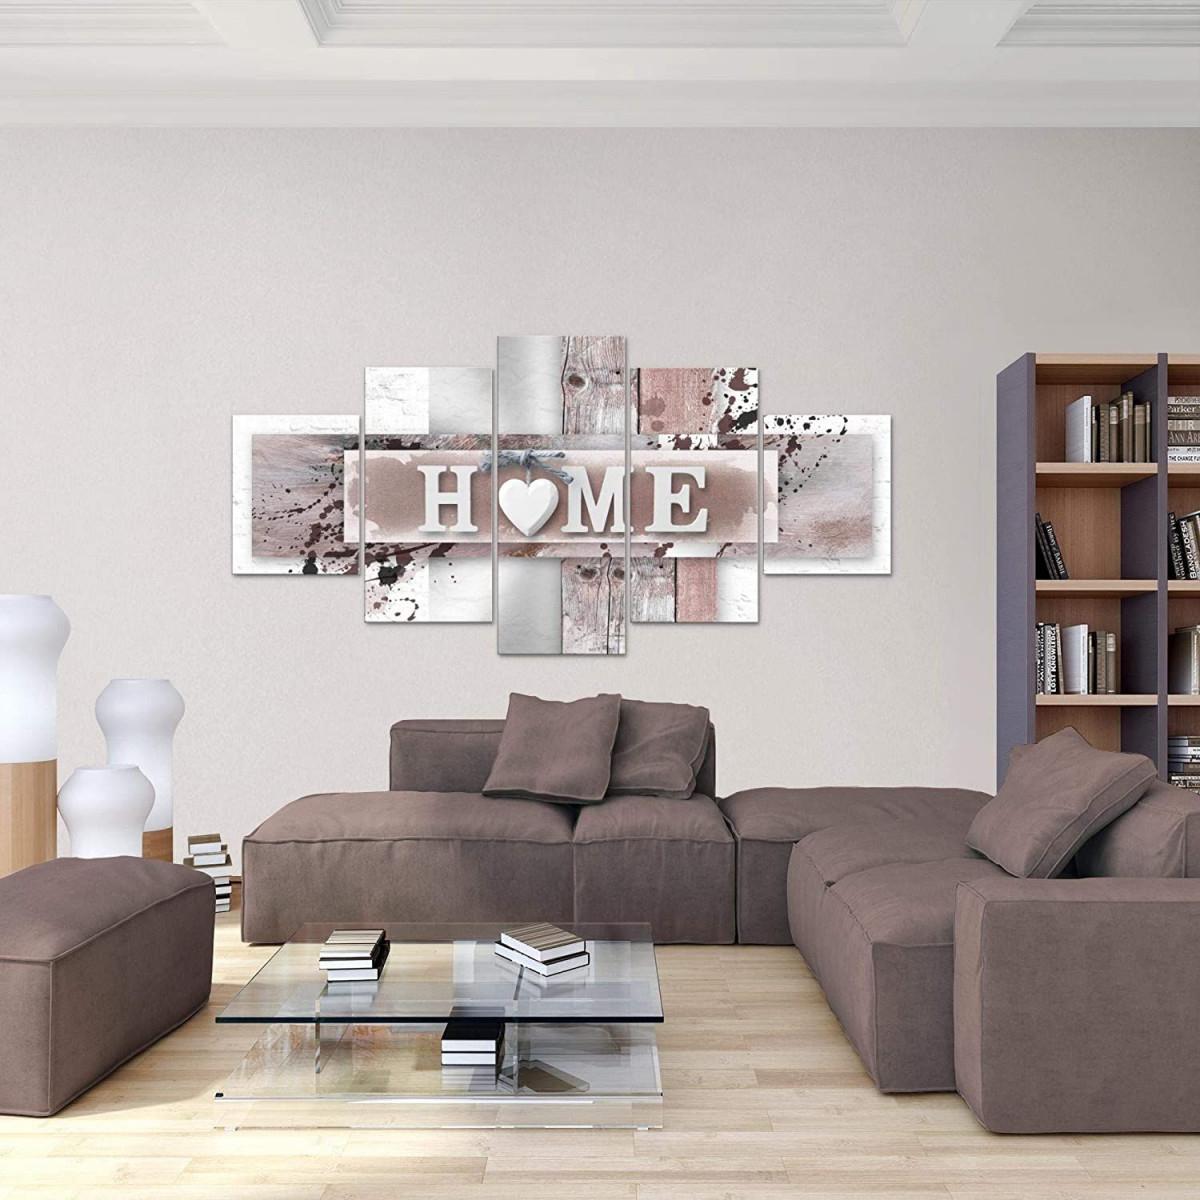 Wandbilder Wohnzimmer Ideen von Deko Wandbilder Wohnzimmer Bild